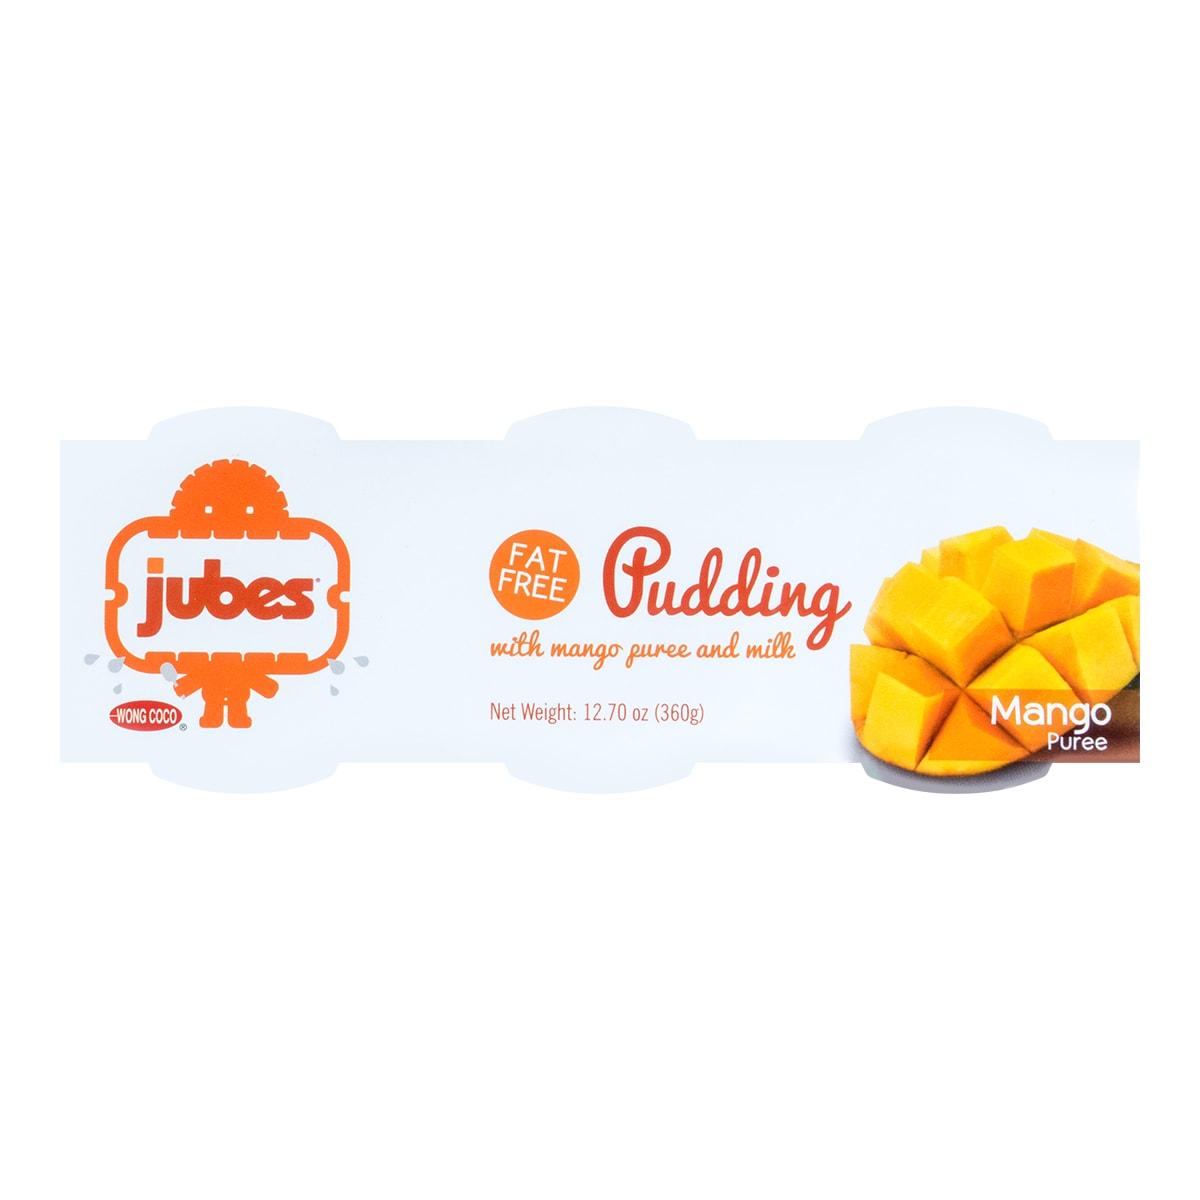 印尼WONG COCO JUBES 脱脂牛奶芒果布丁 芒果味 3杯入 360g